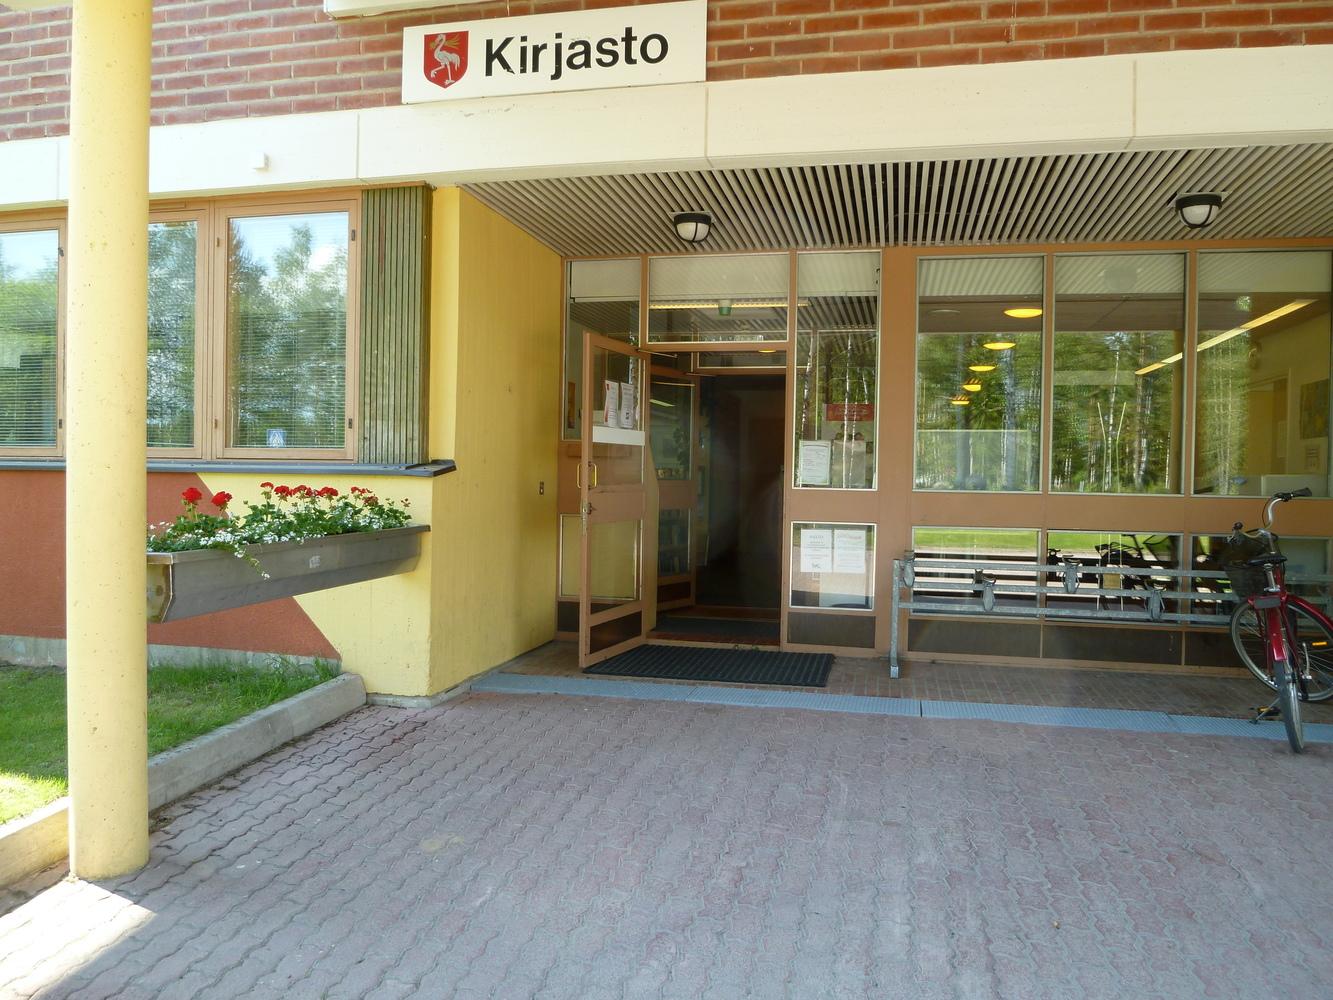 Tervolan kirjaston sisäänkäynti